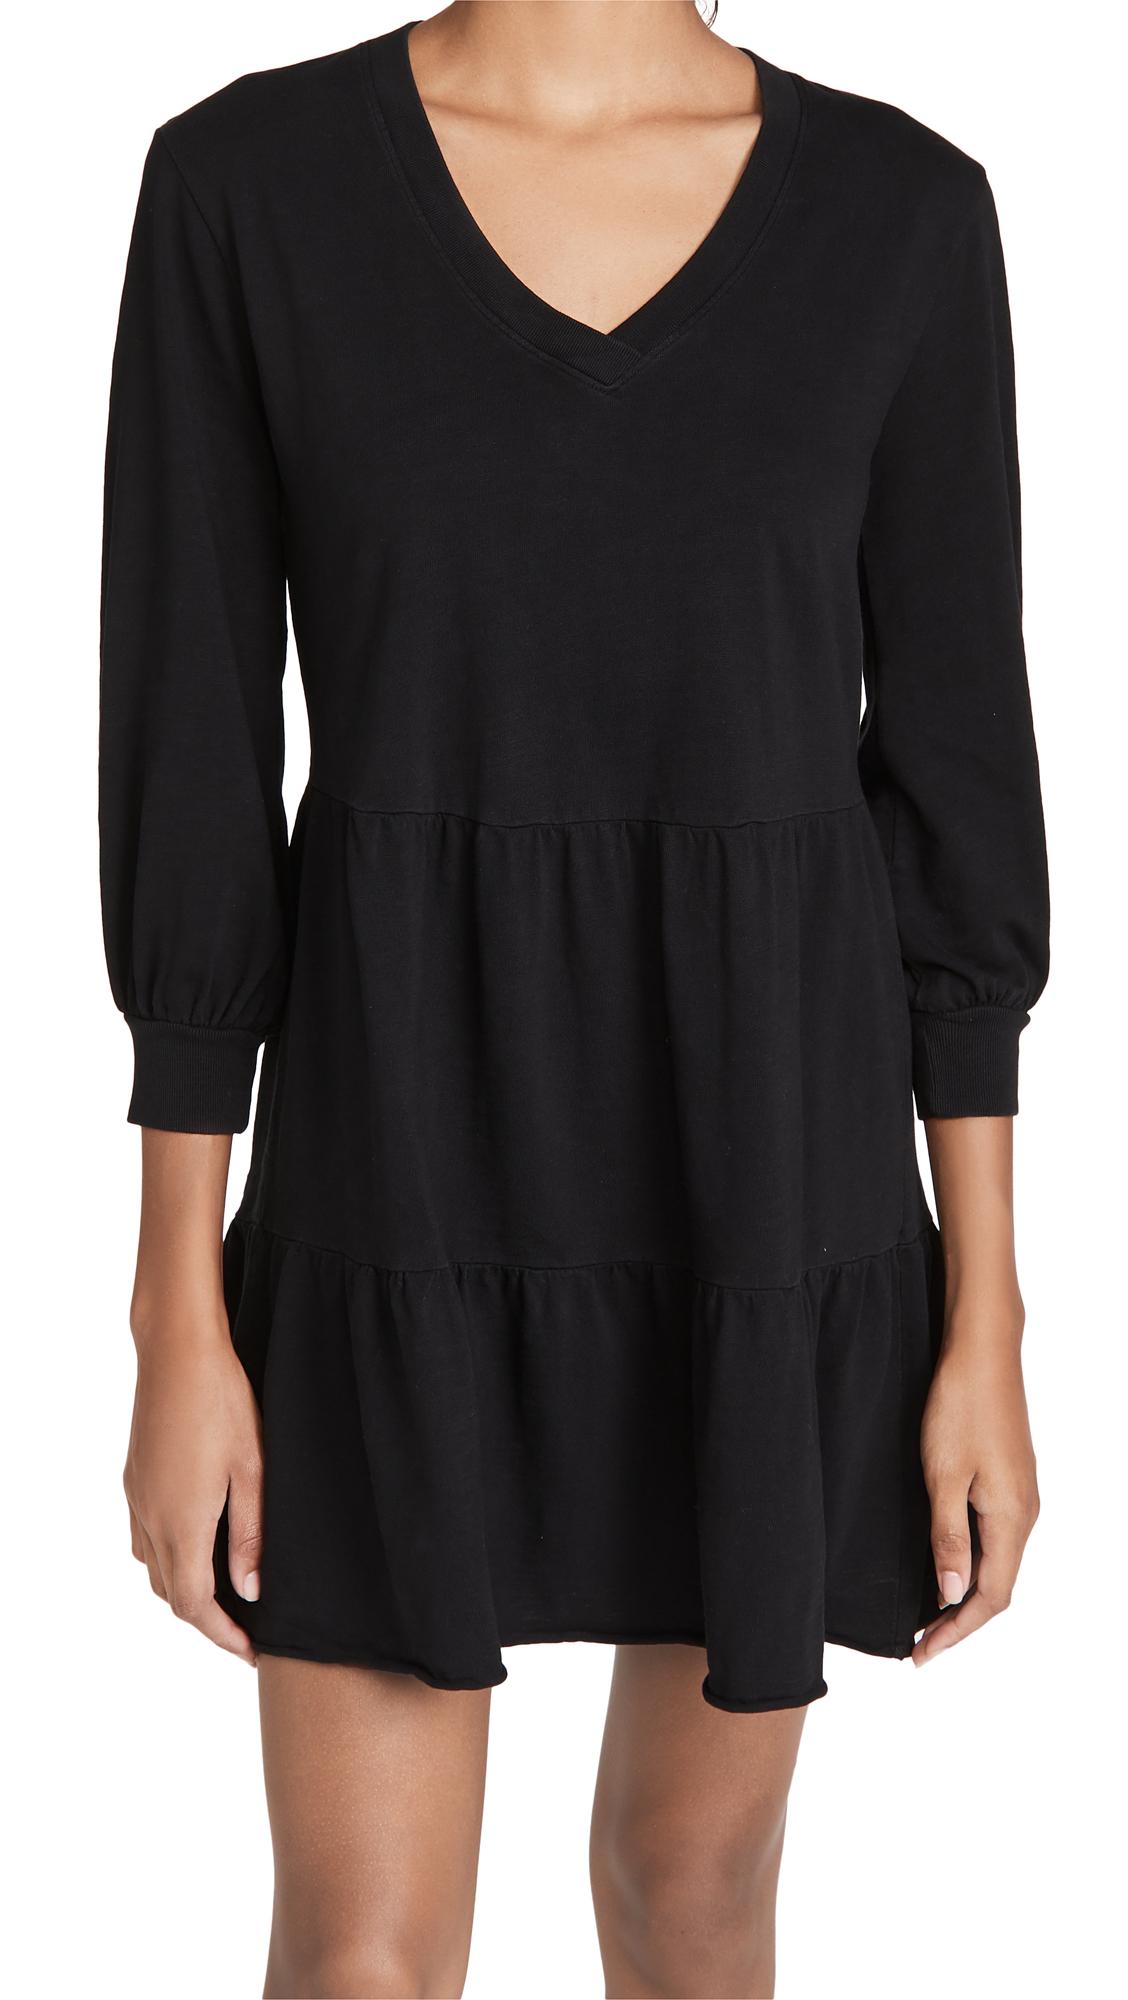 Nation LTD Brinley Tiered Dress